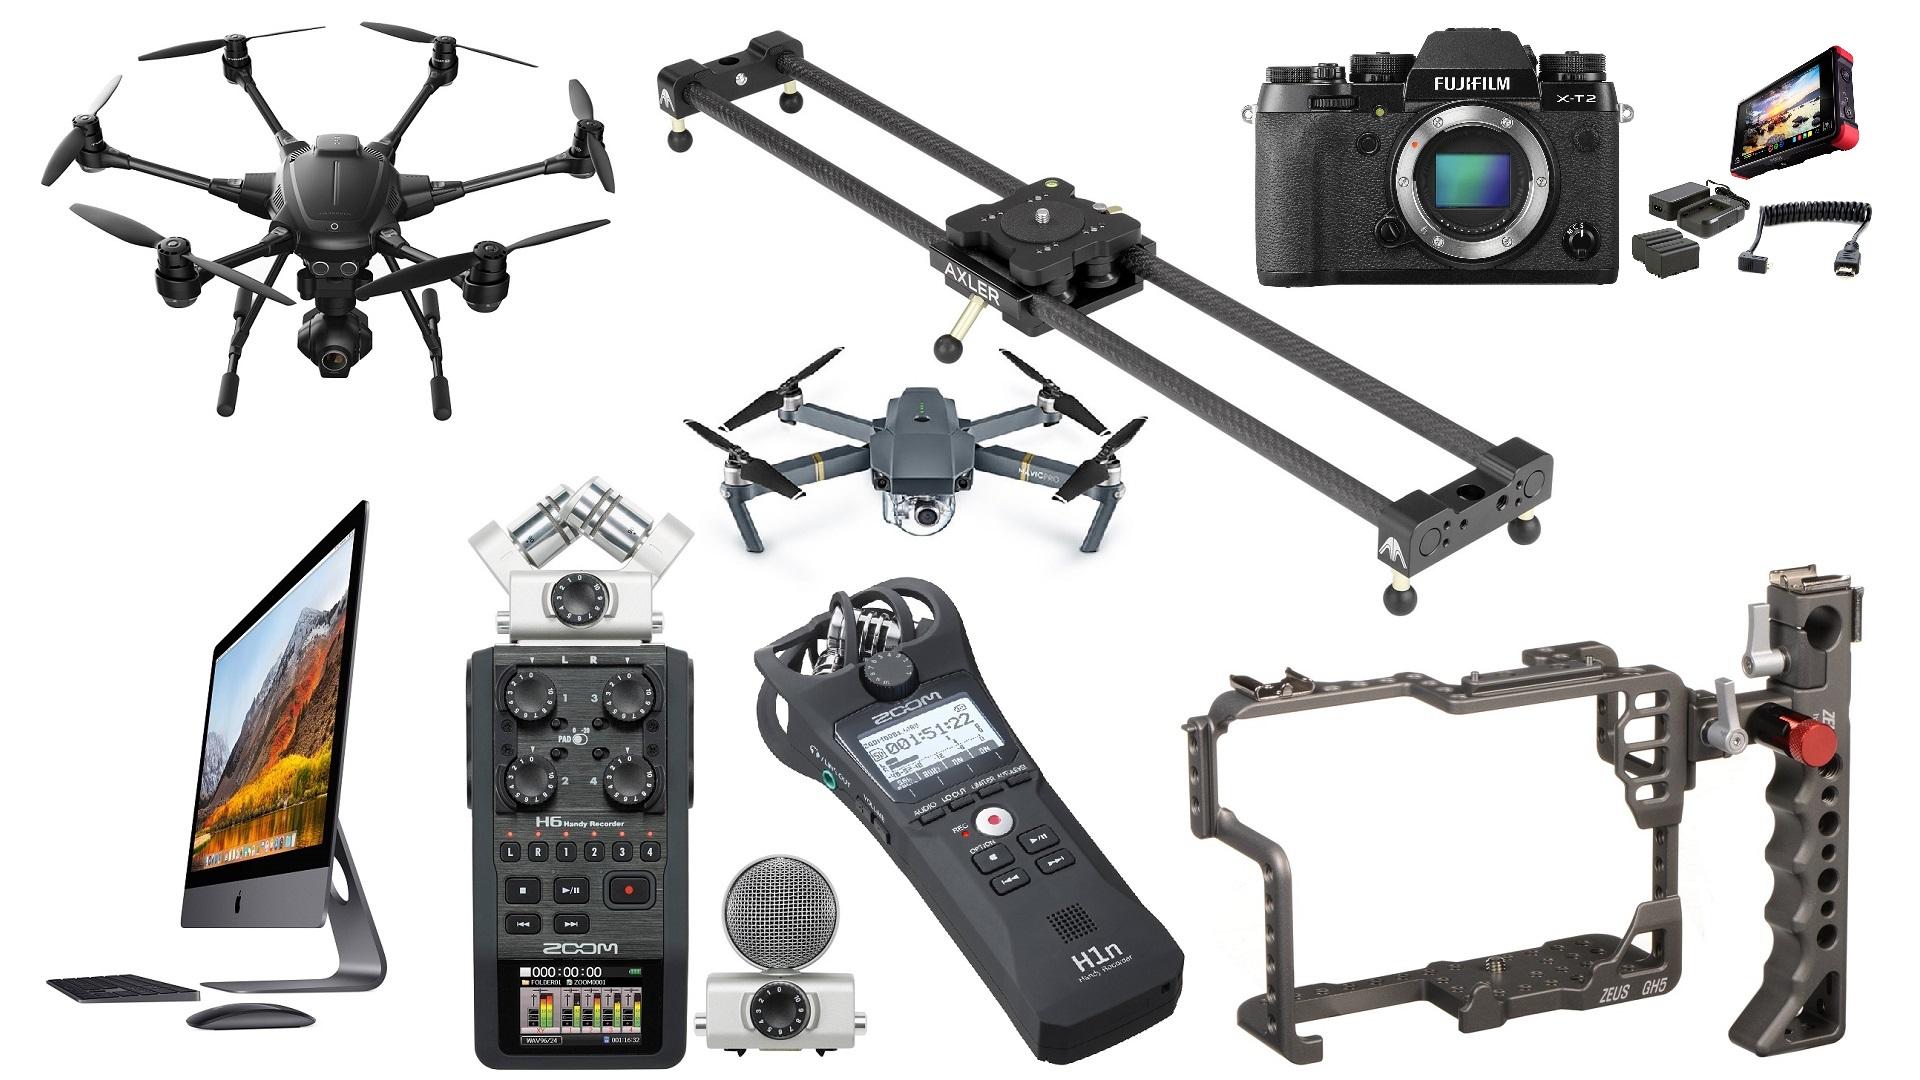 Las 10 mejores ofertas para cineastas de esta semana – Drones, grabadoras Zoom, cámaras Fujifilm y Canon, iMac Pro y más